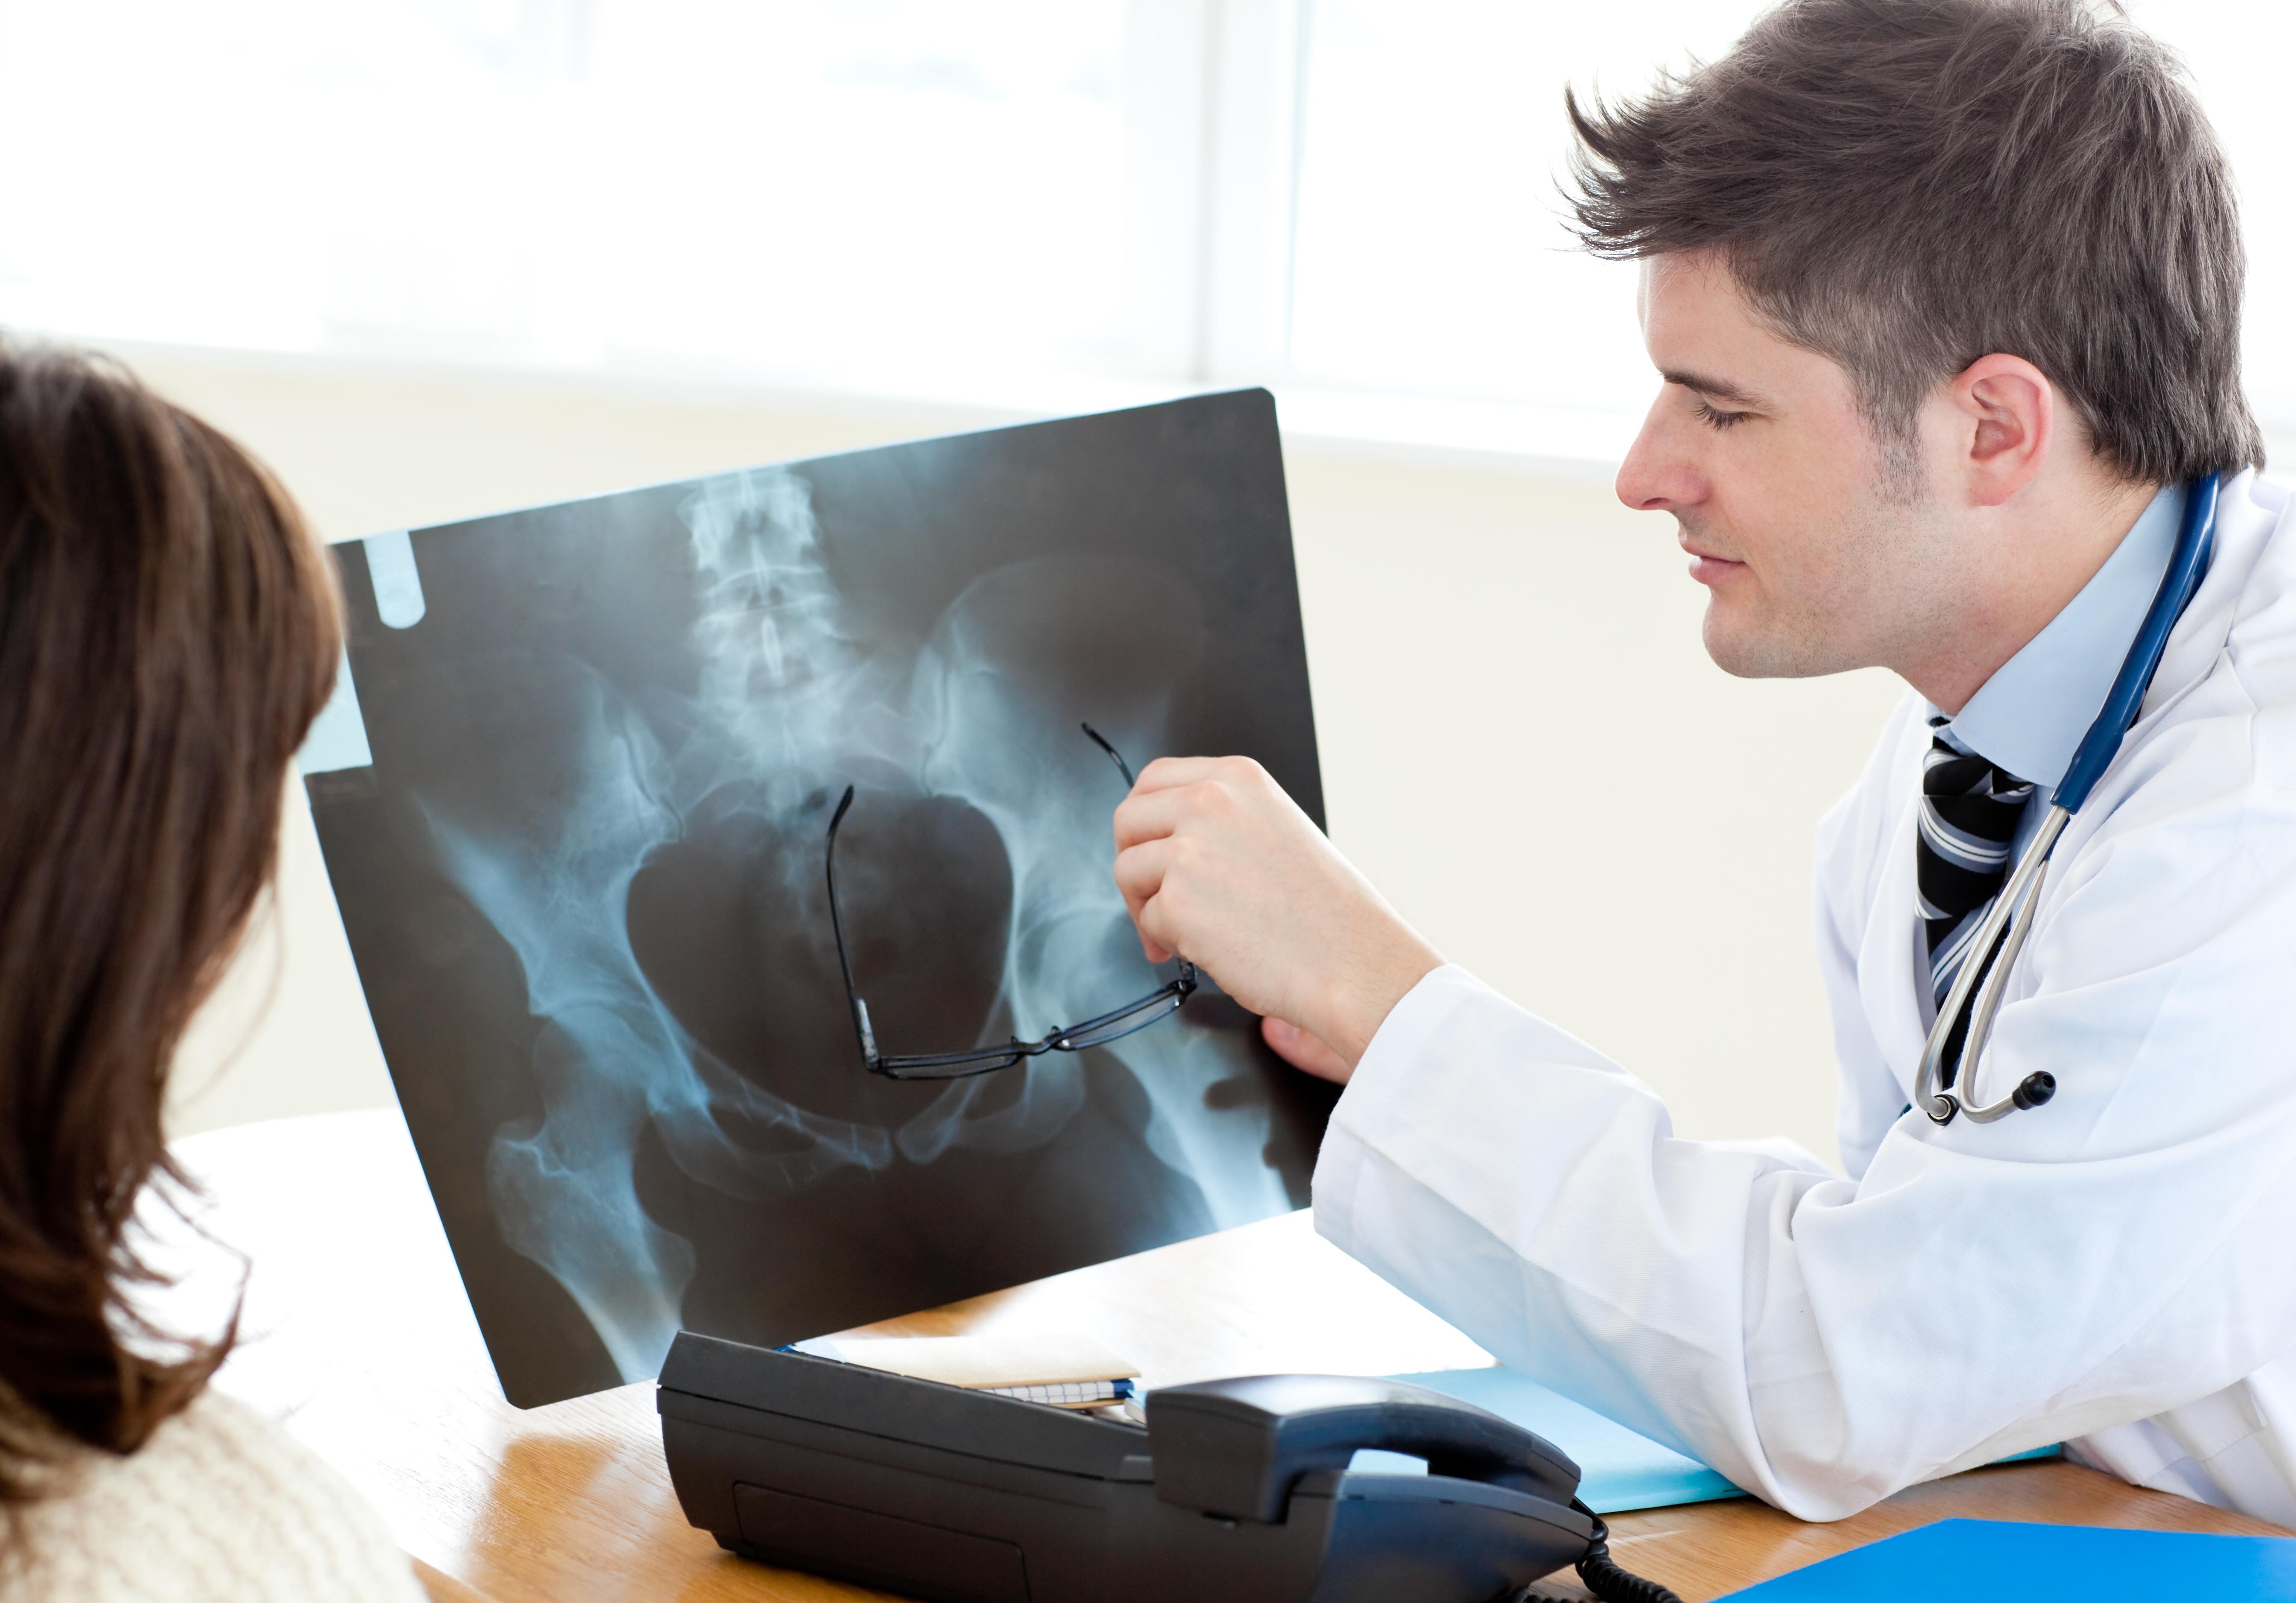 Radiologia - Estudo radiográfico - Identificando patologias nos exames por imagem.